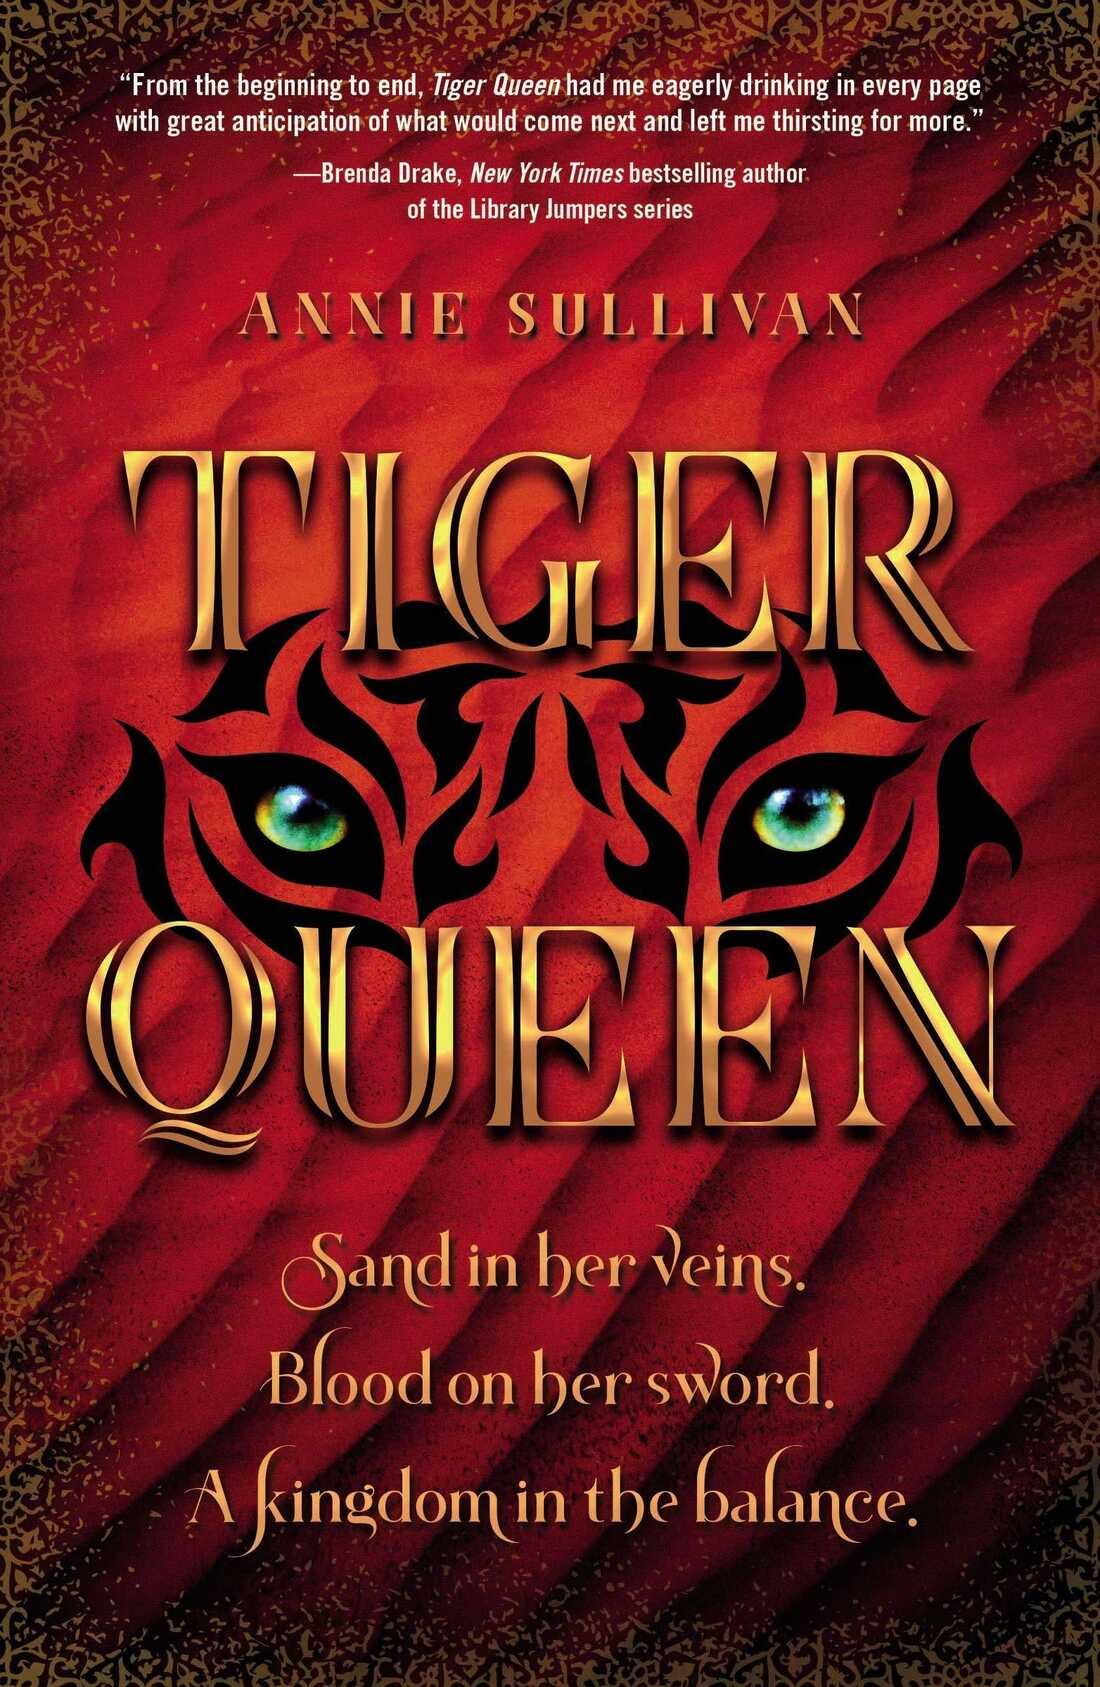 Tiger Queen, by Annie Sullivan